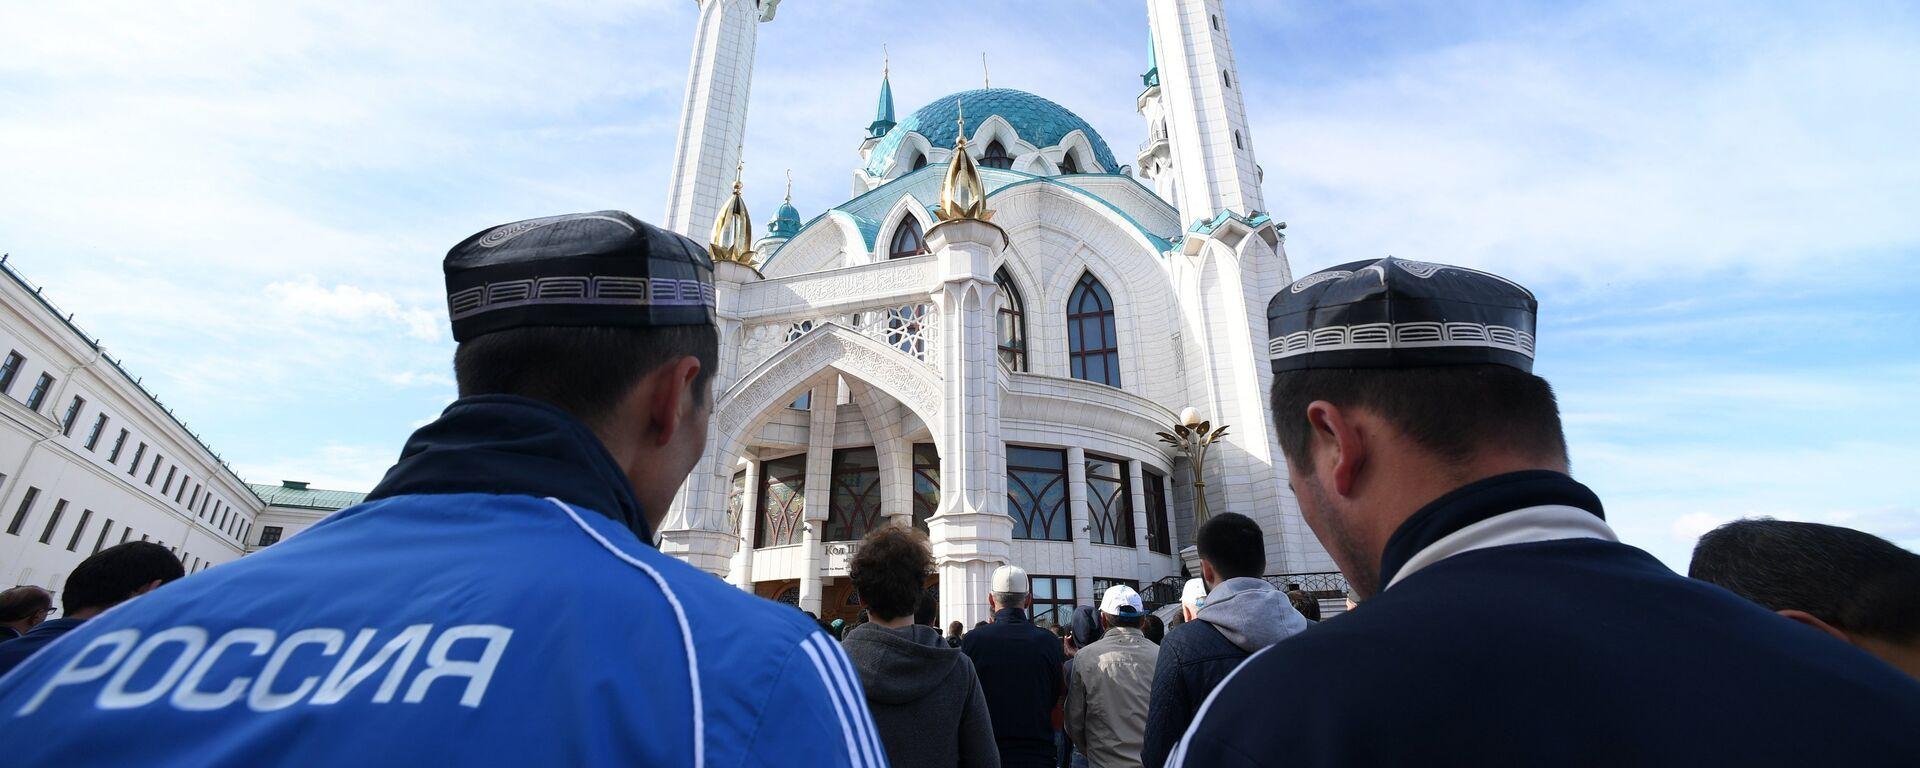 Празднование Ураза-байрам - Sputnik Таджикистан, 1920, 15.07.2021